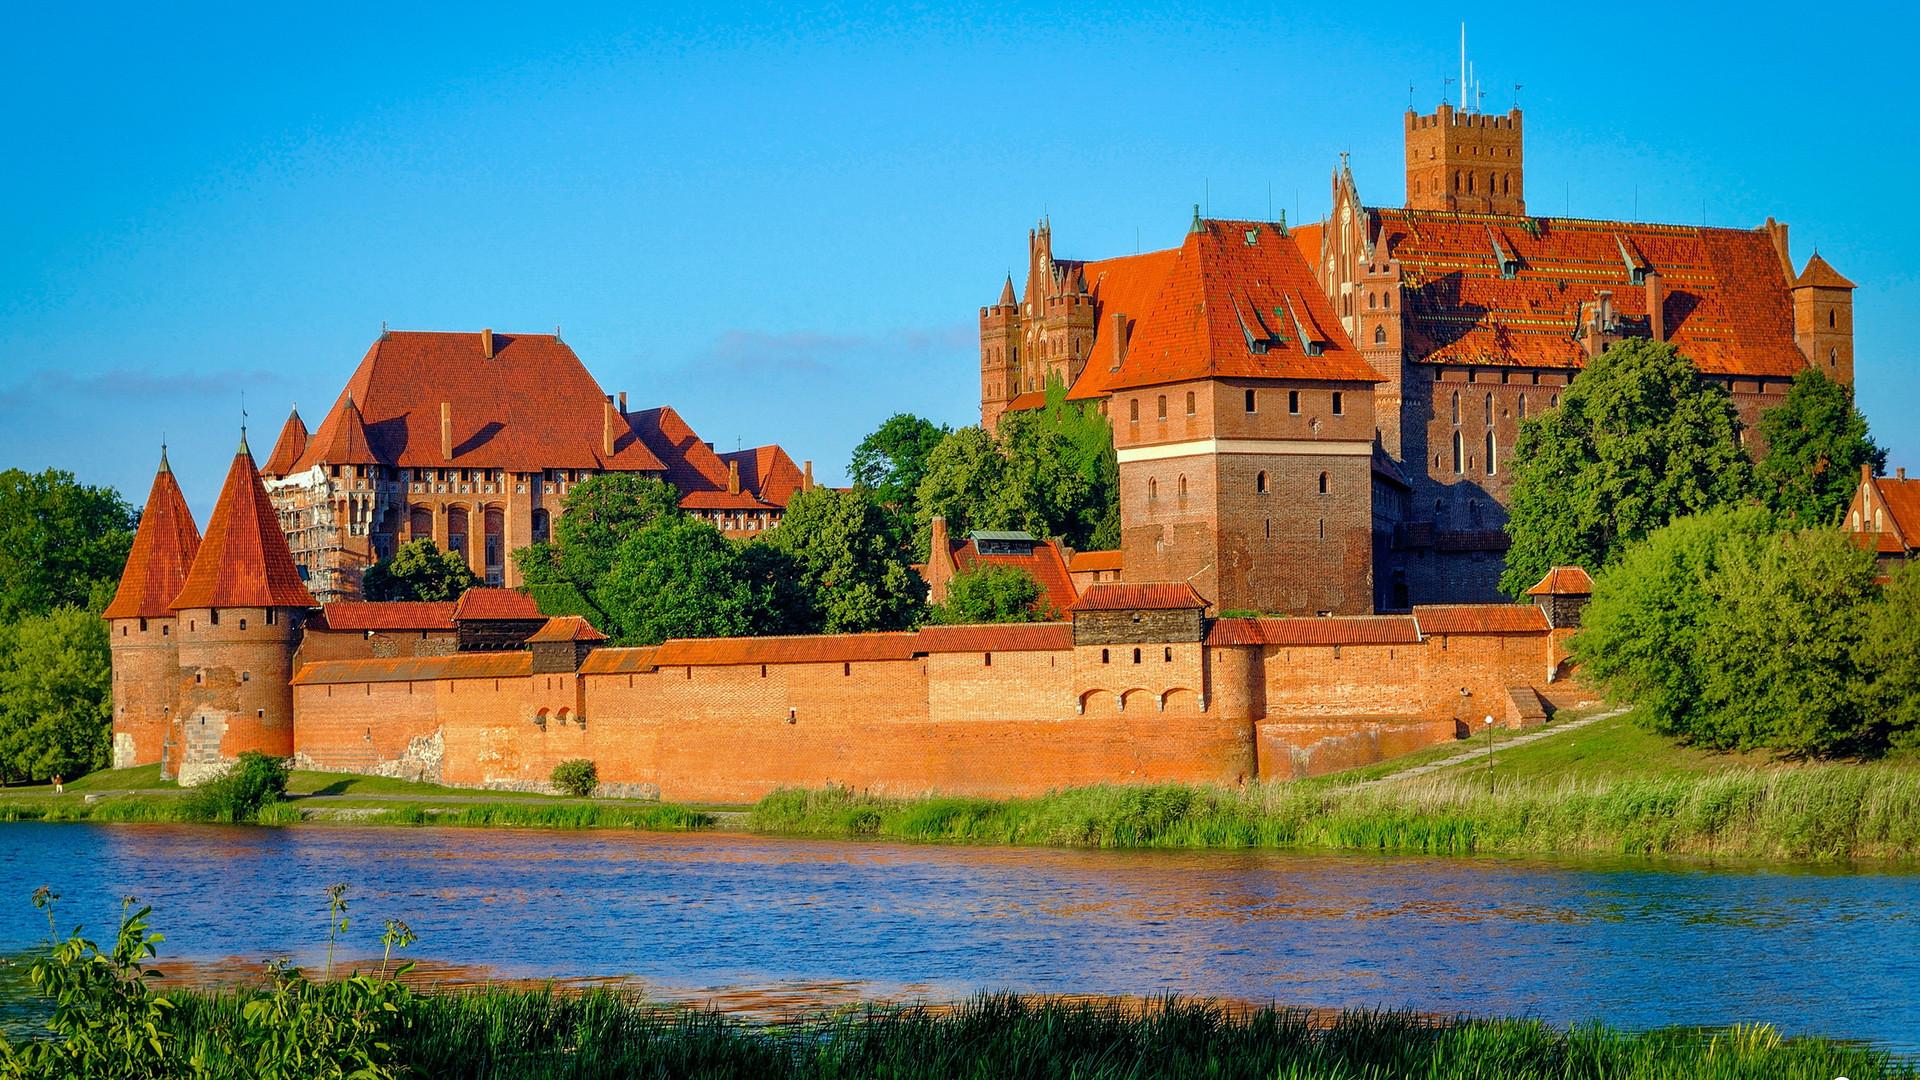 Панорама замка Мариенбург, Мальборк